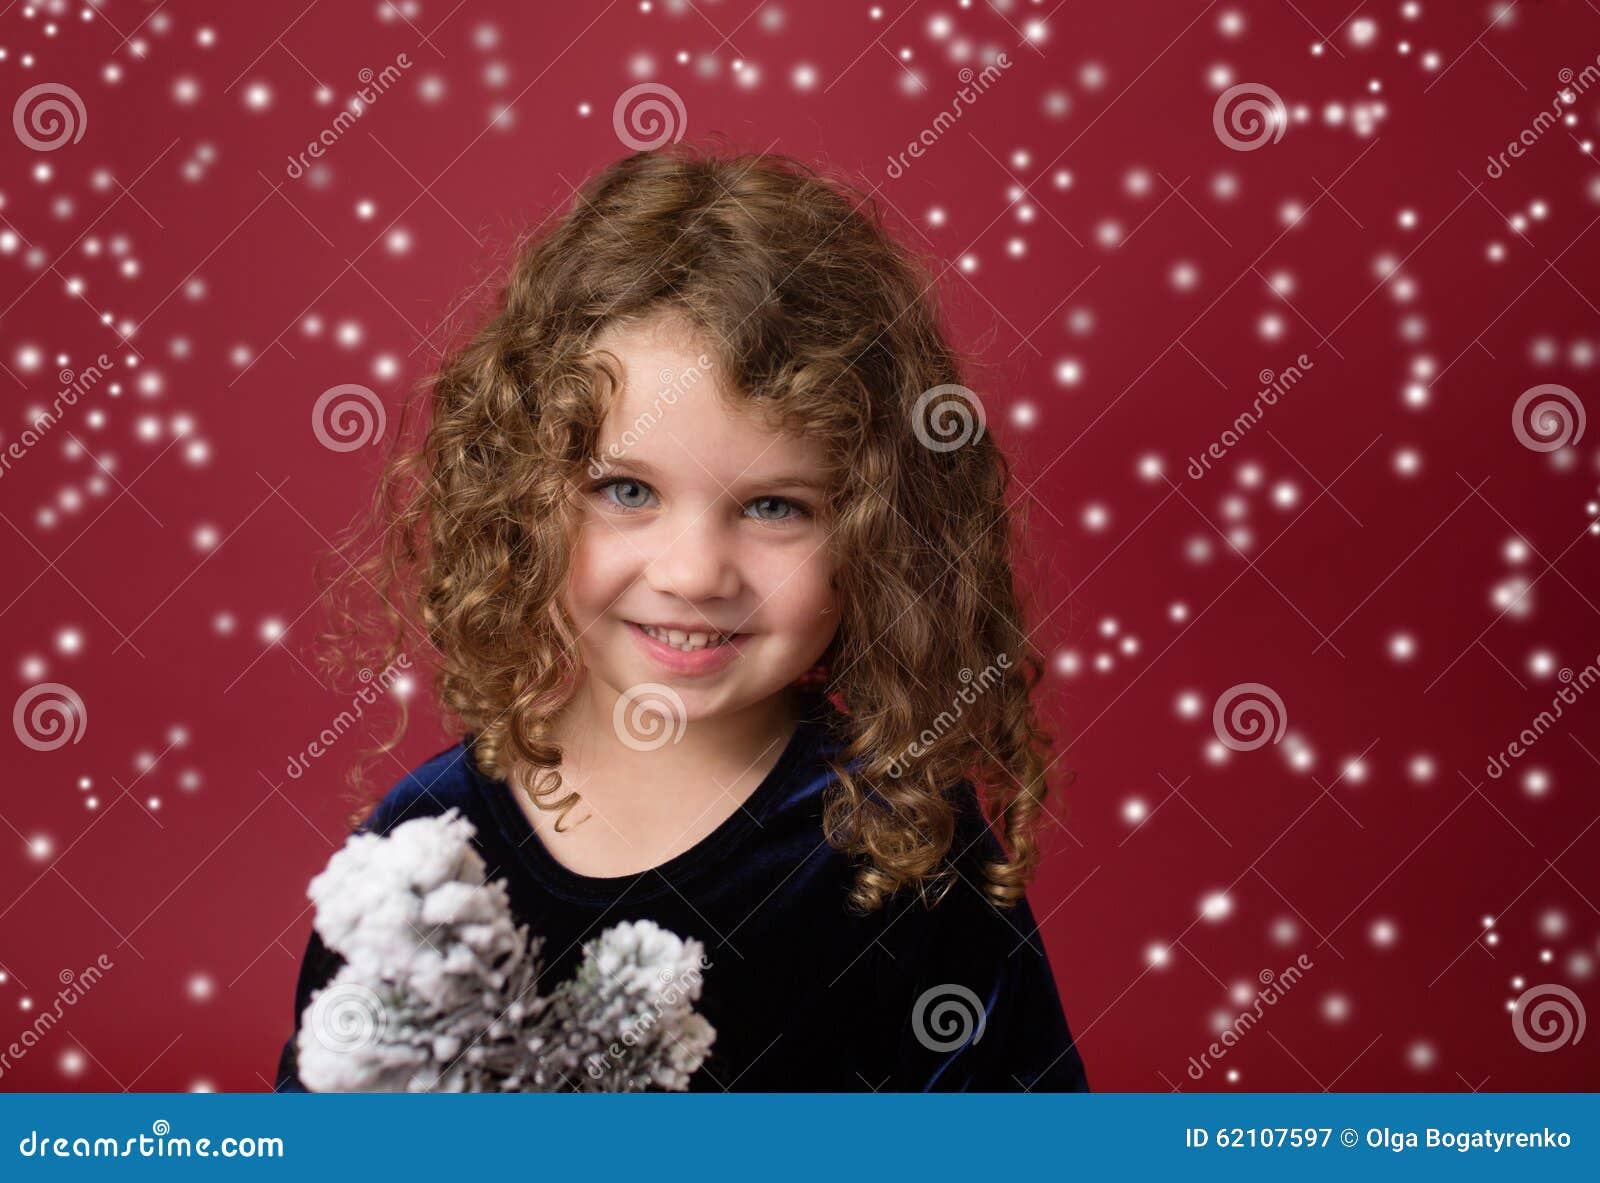 Παιδί Χριστουγέννων: Ευτυχές κορίτσι στο κόκκινο υπόβαθρο